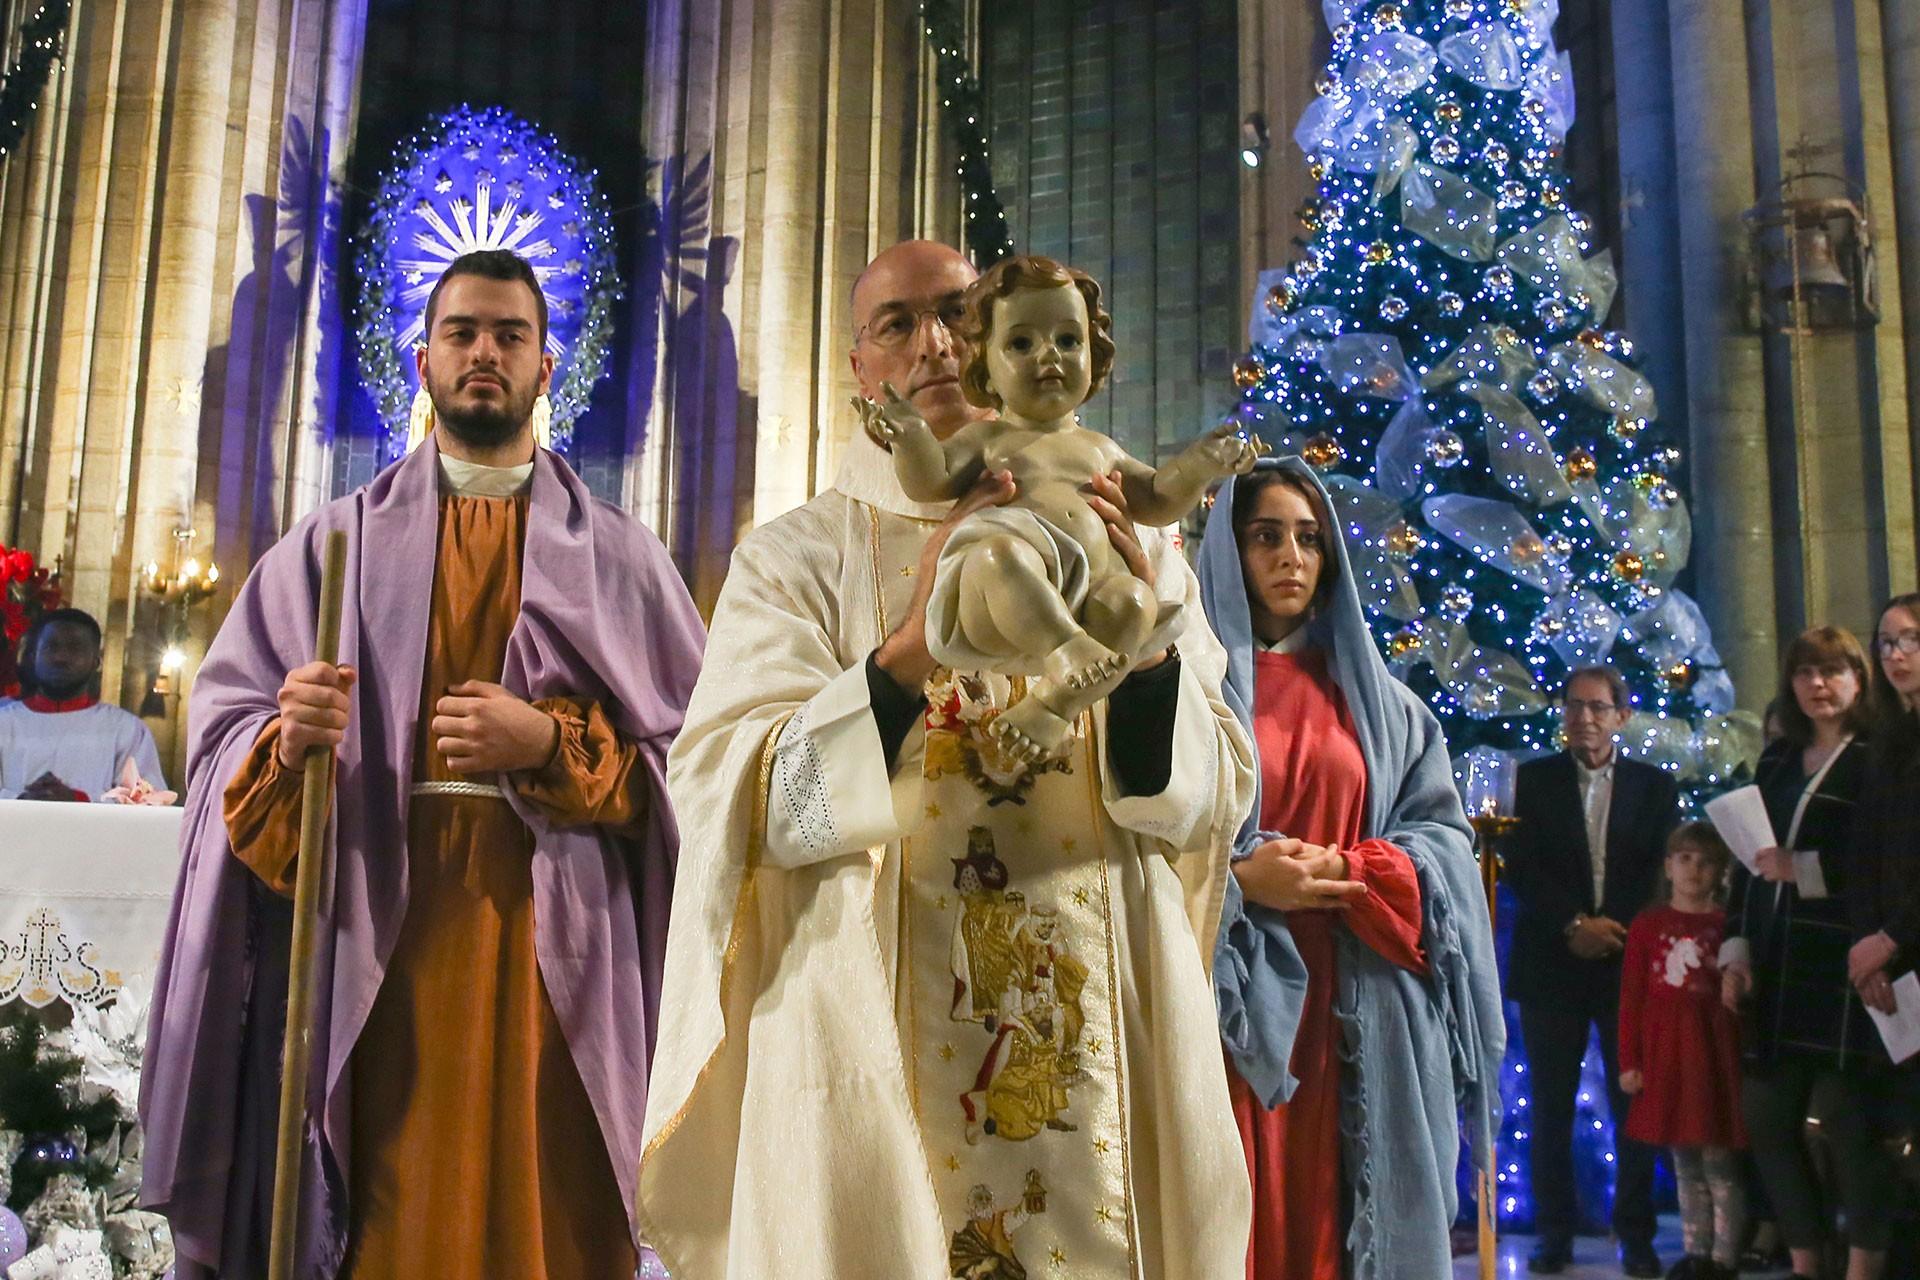 Saint Antuan Kilisesi'nde rahip elinde İsa'yı sembolize eden bebek heykeli tutuyor. Yanıbaşında genç bir erkek ve genç bir kadın var.